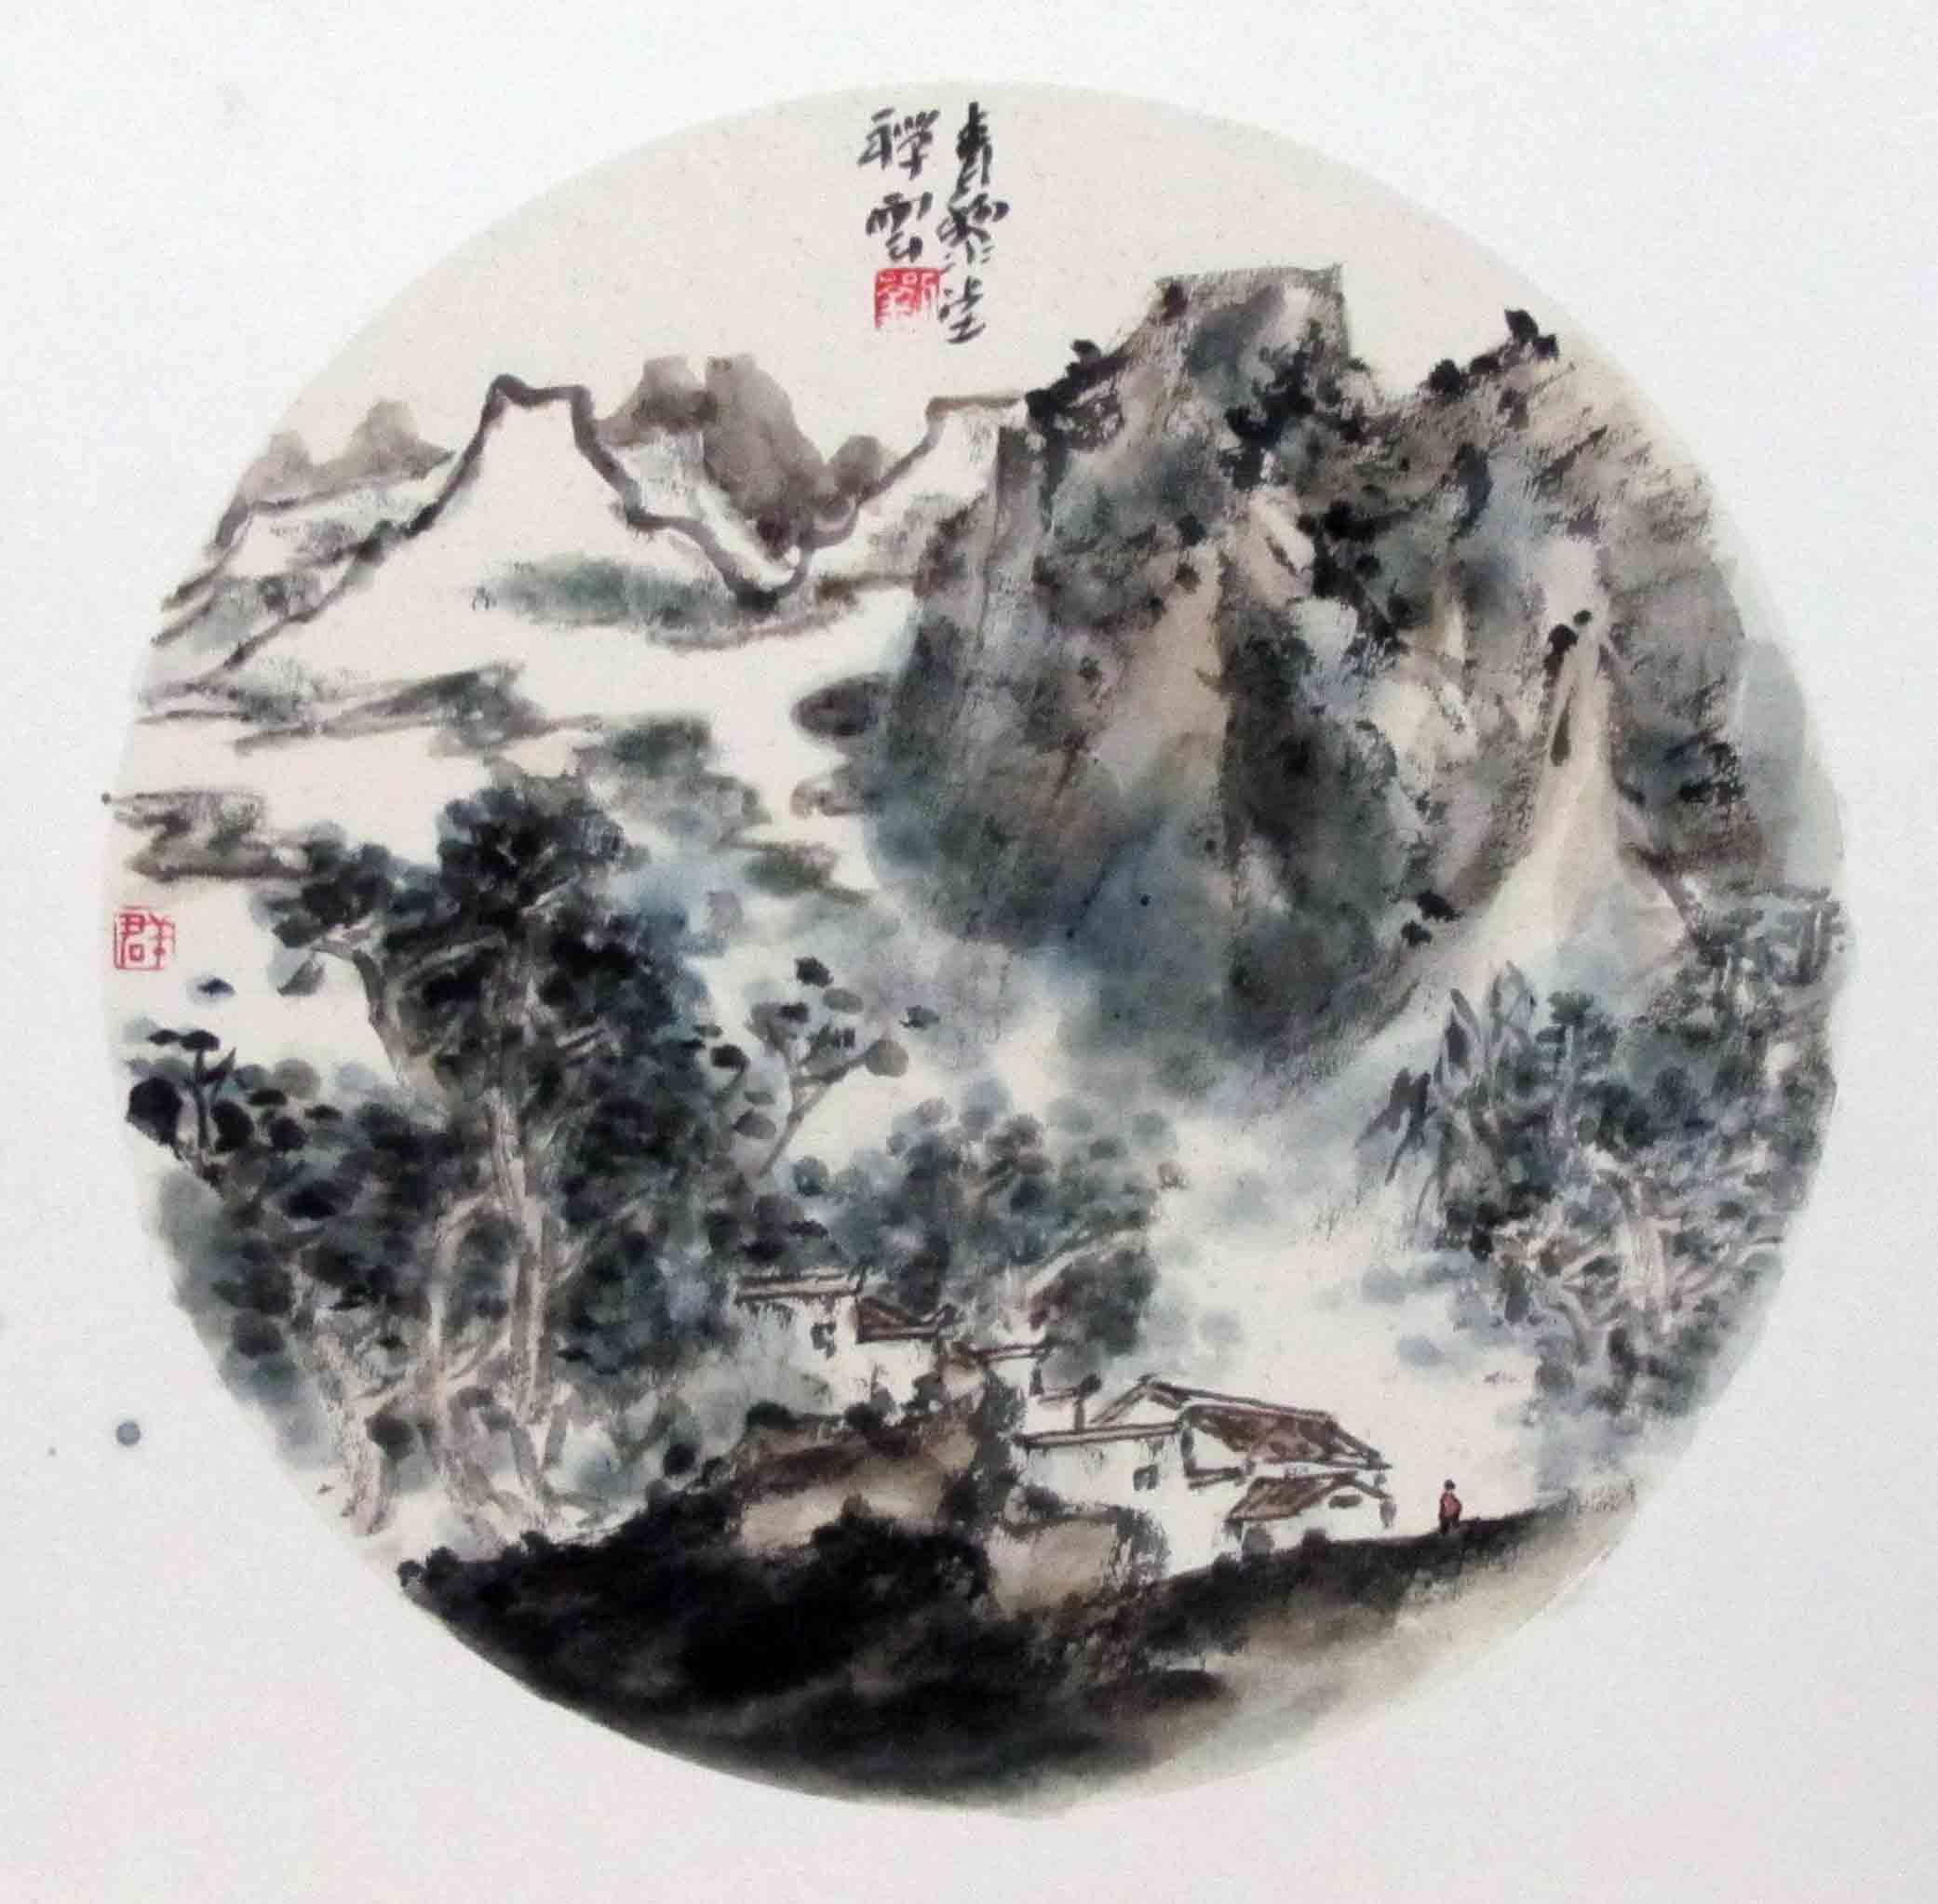 安徽淮北刘群:中国当代具有影响力的山水画家图片